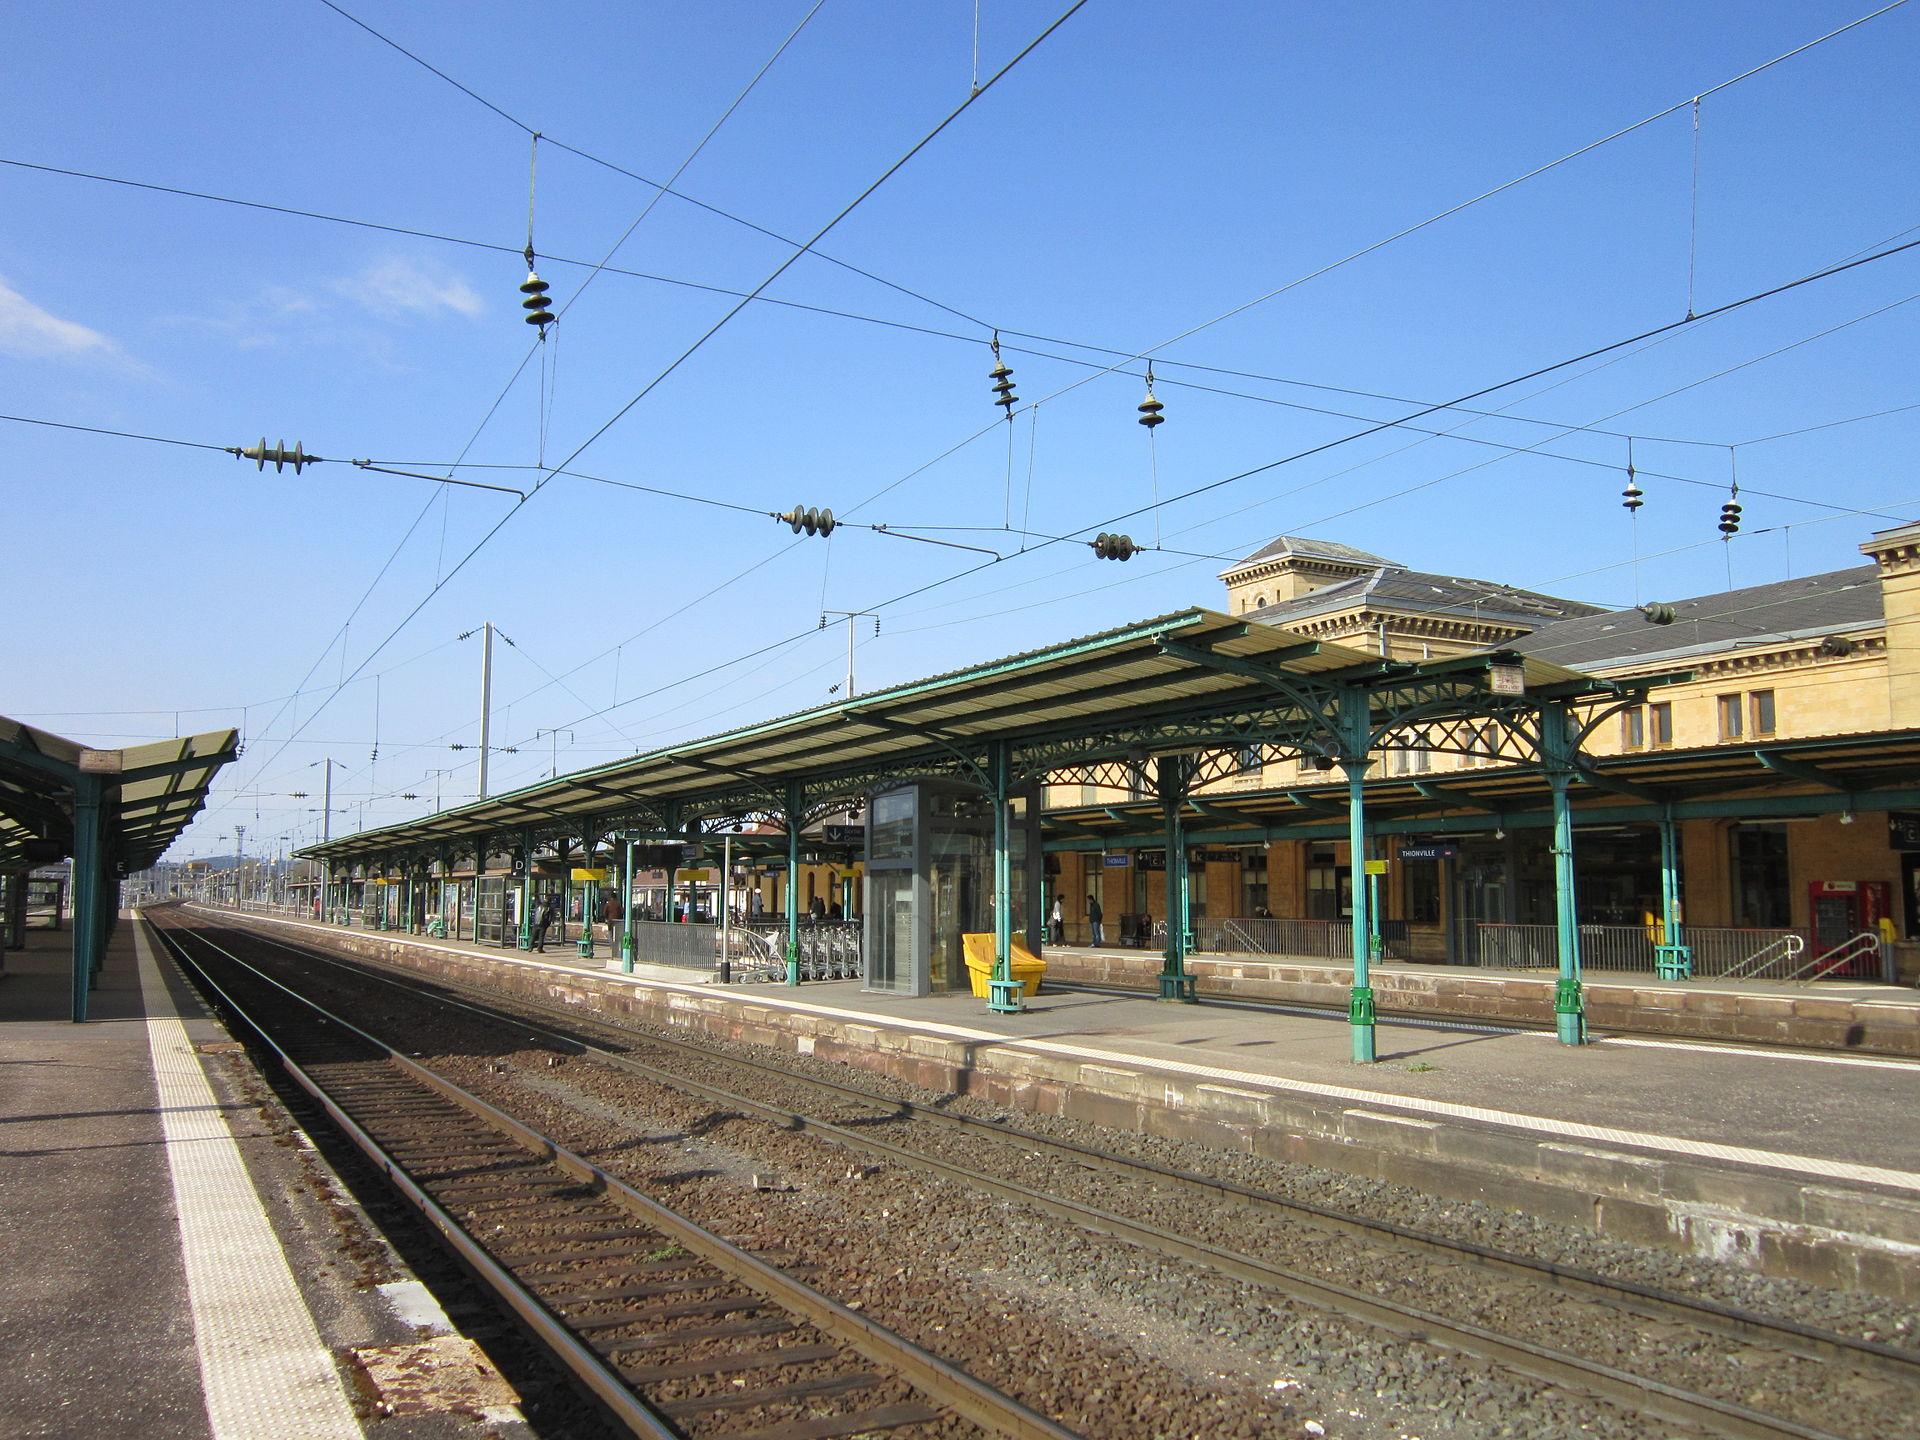 Gare de thionville wikipedia for Piscine lorraine